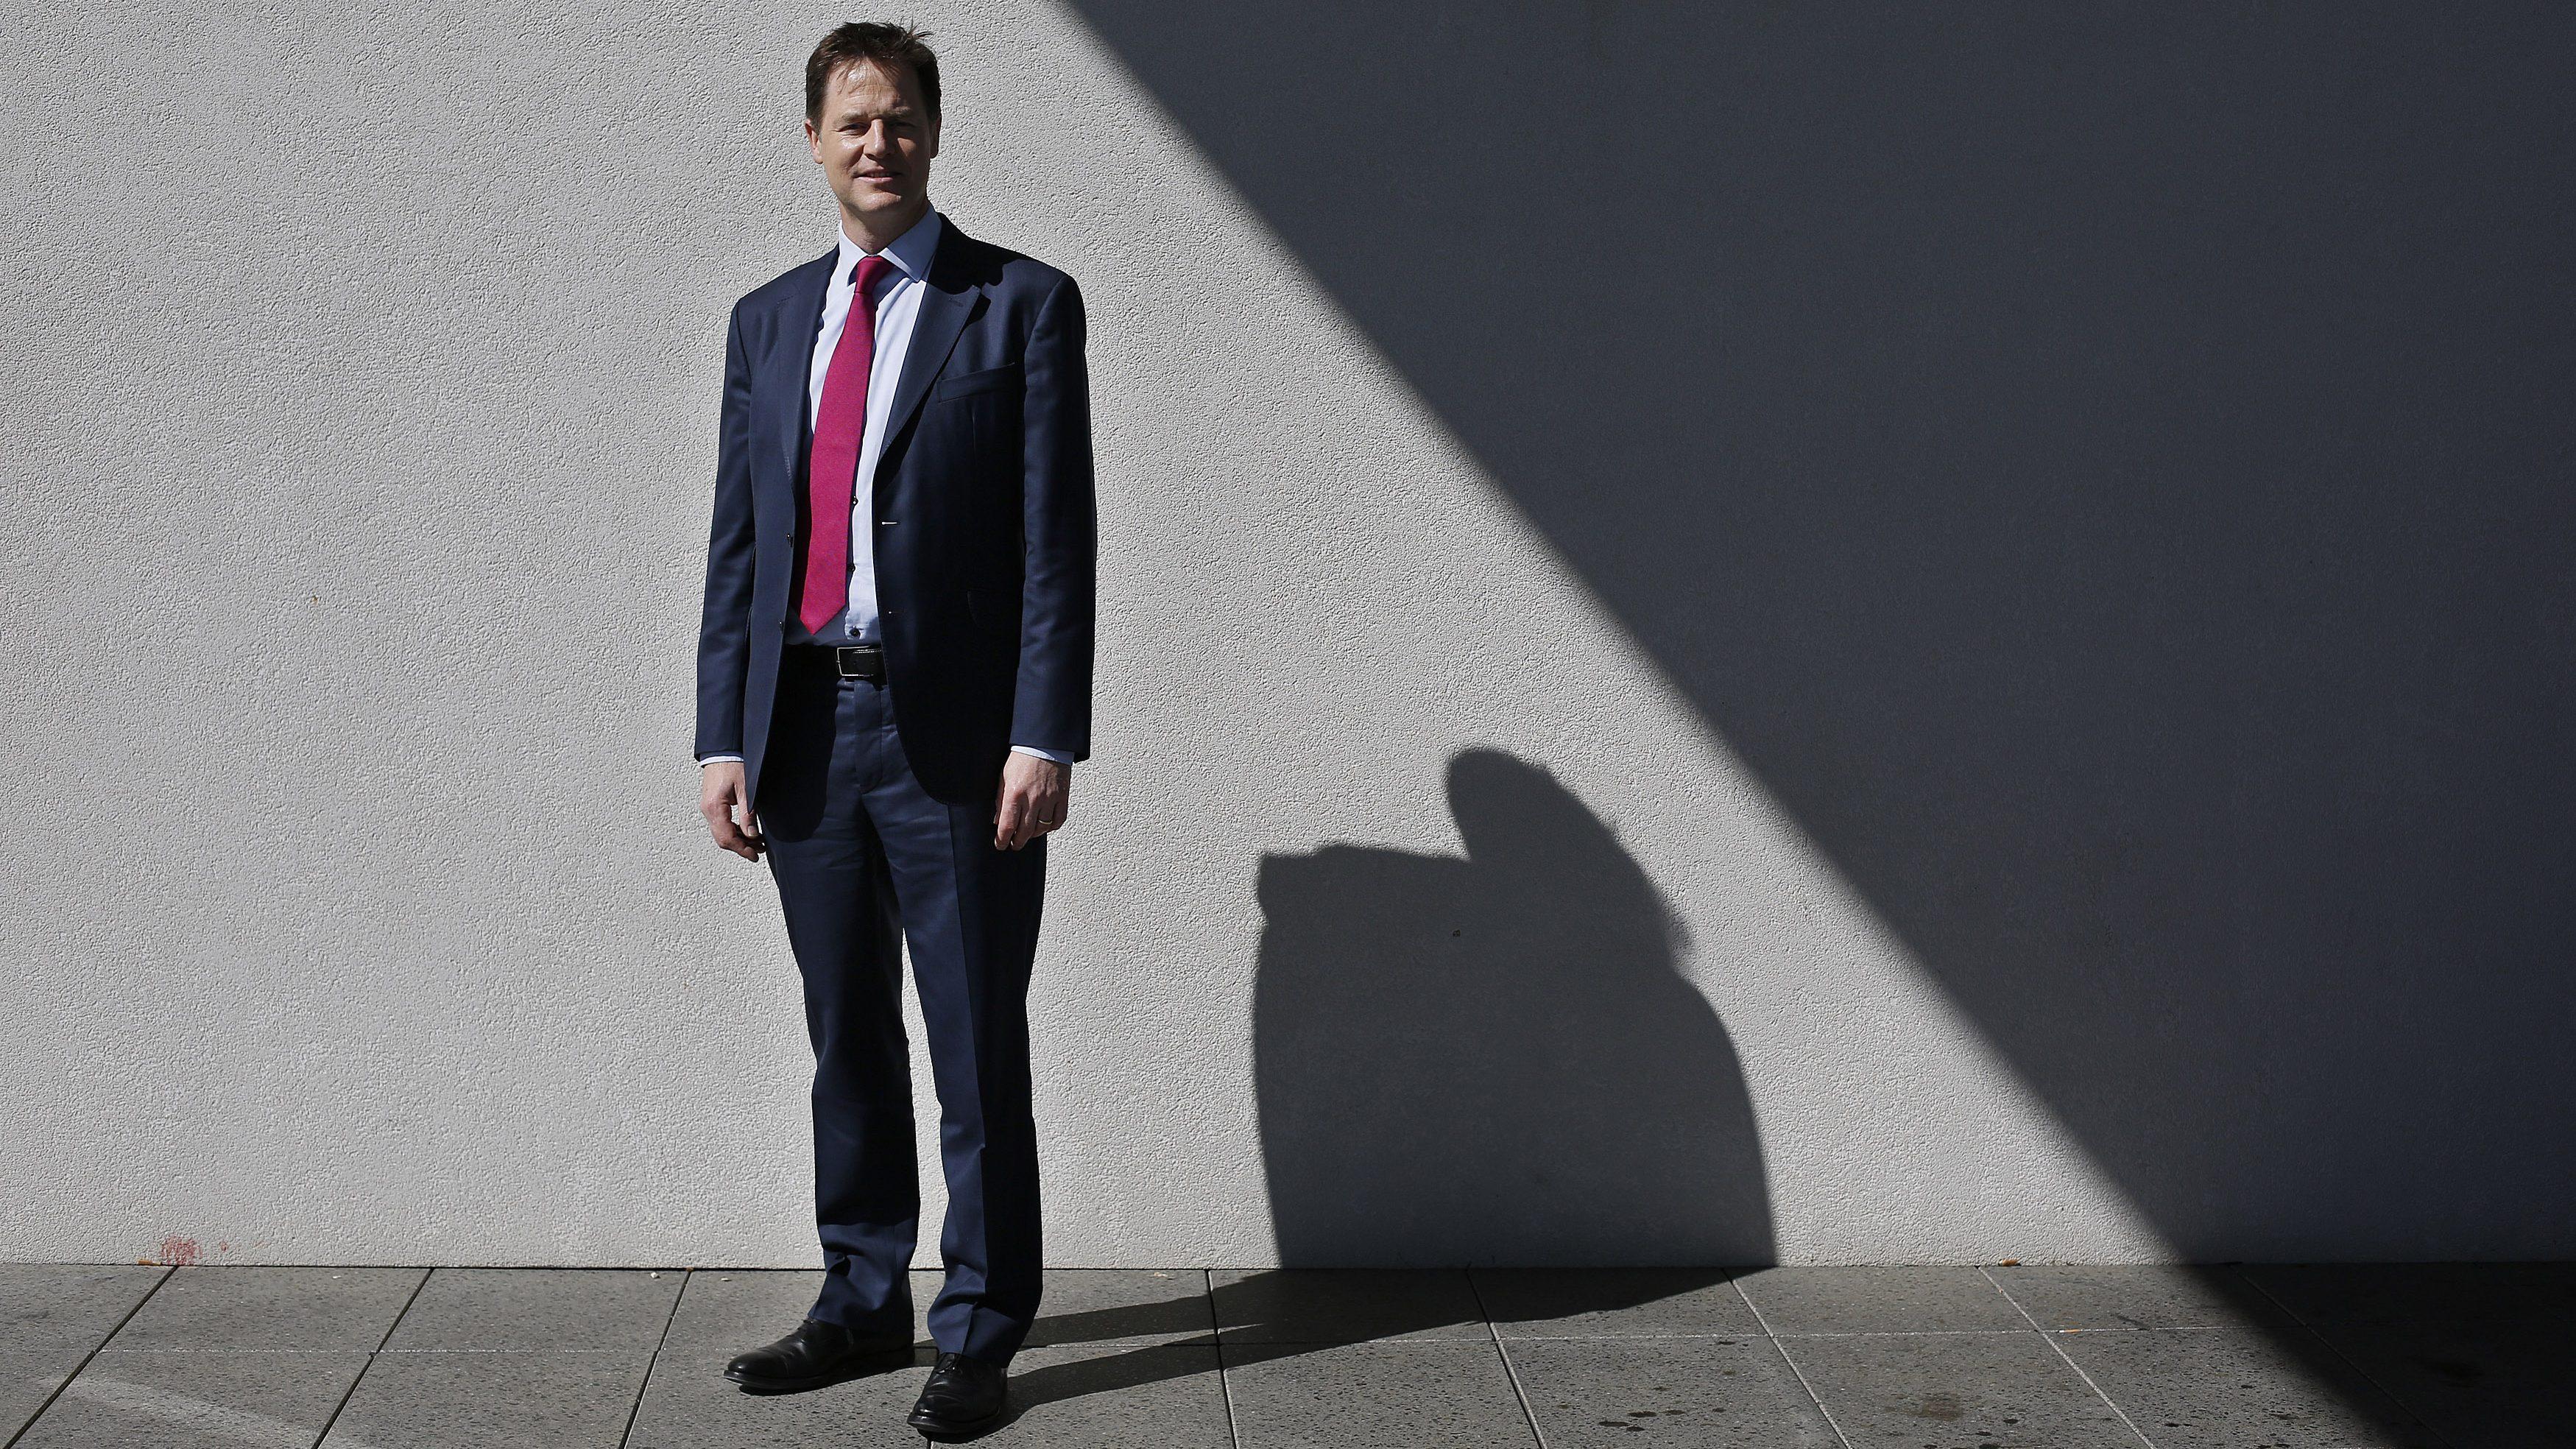 Nick Clegg, former UK deputy prime minister, now works for Facebook.